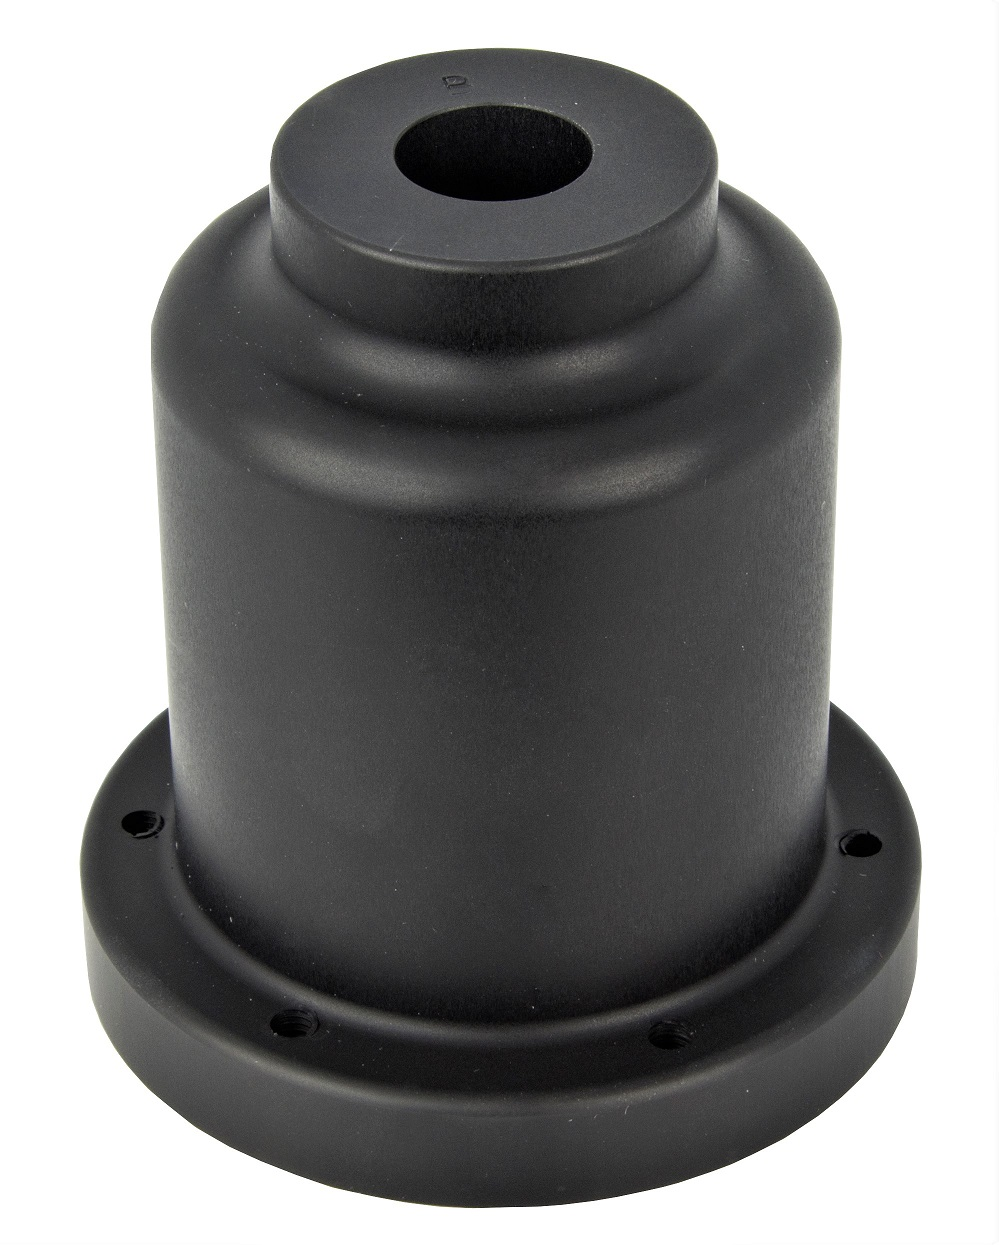 escort mk2 billet alloy steering wheel boss hub rix engineering momo